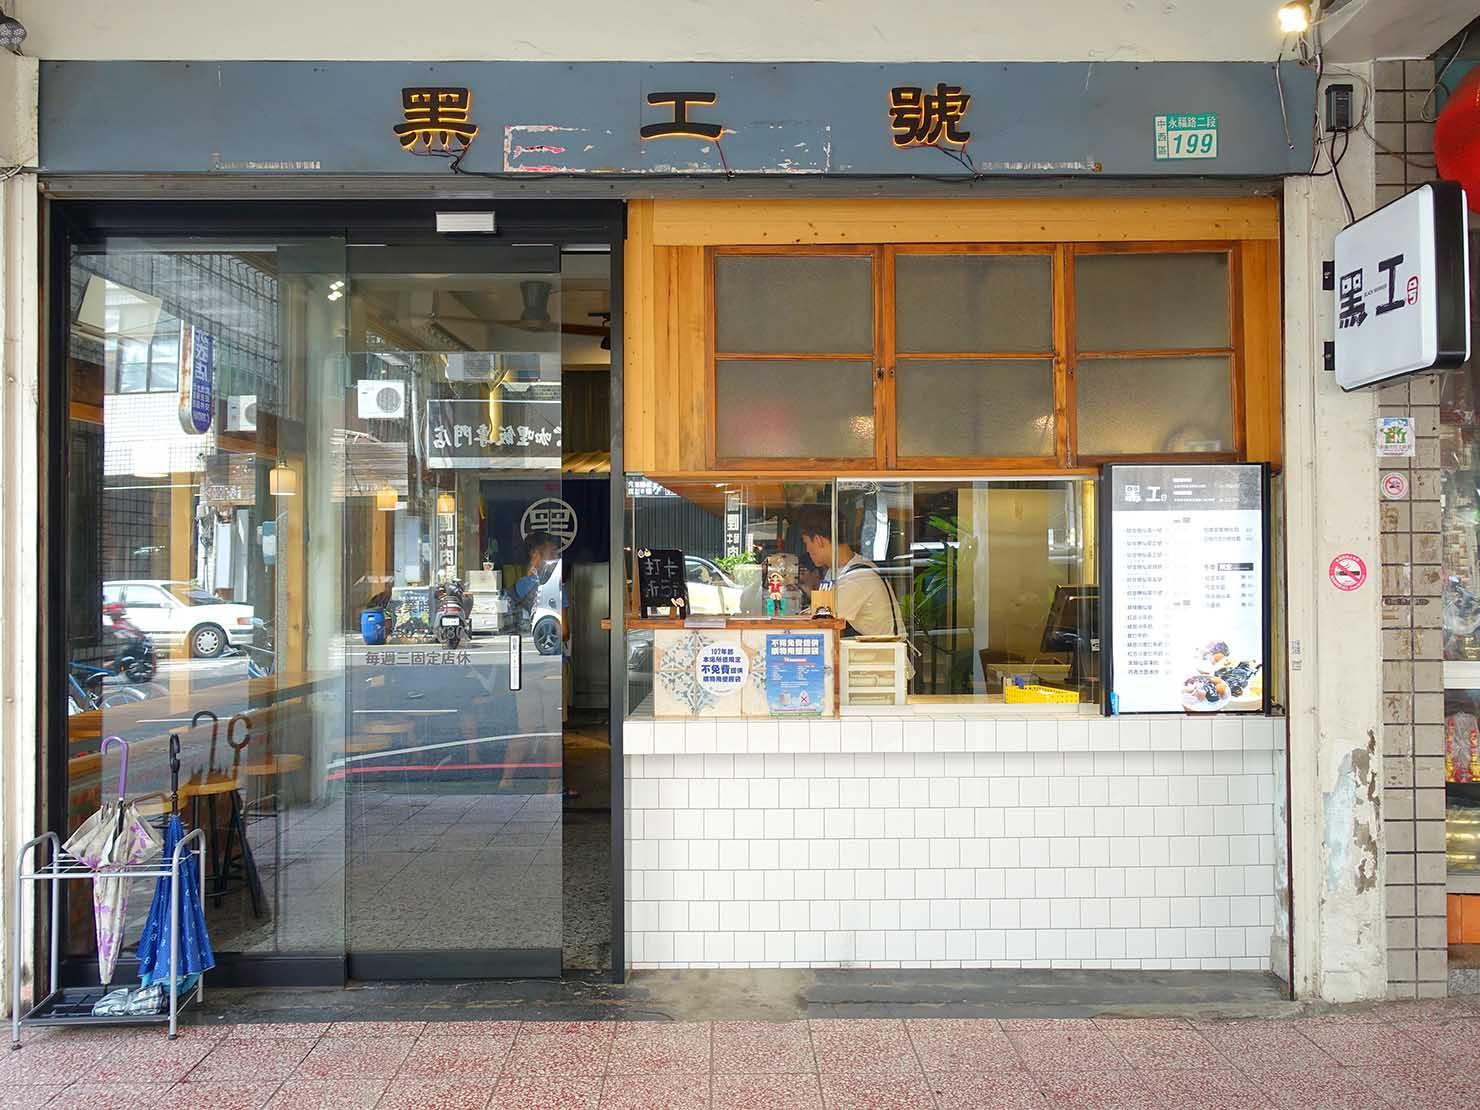 台南・赤崁樓周辺のおすすめグルメ店「黑工號嫩仙草」の外観